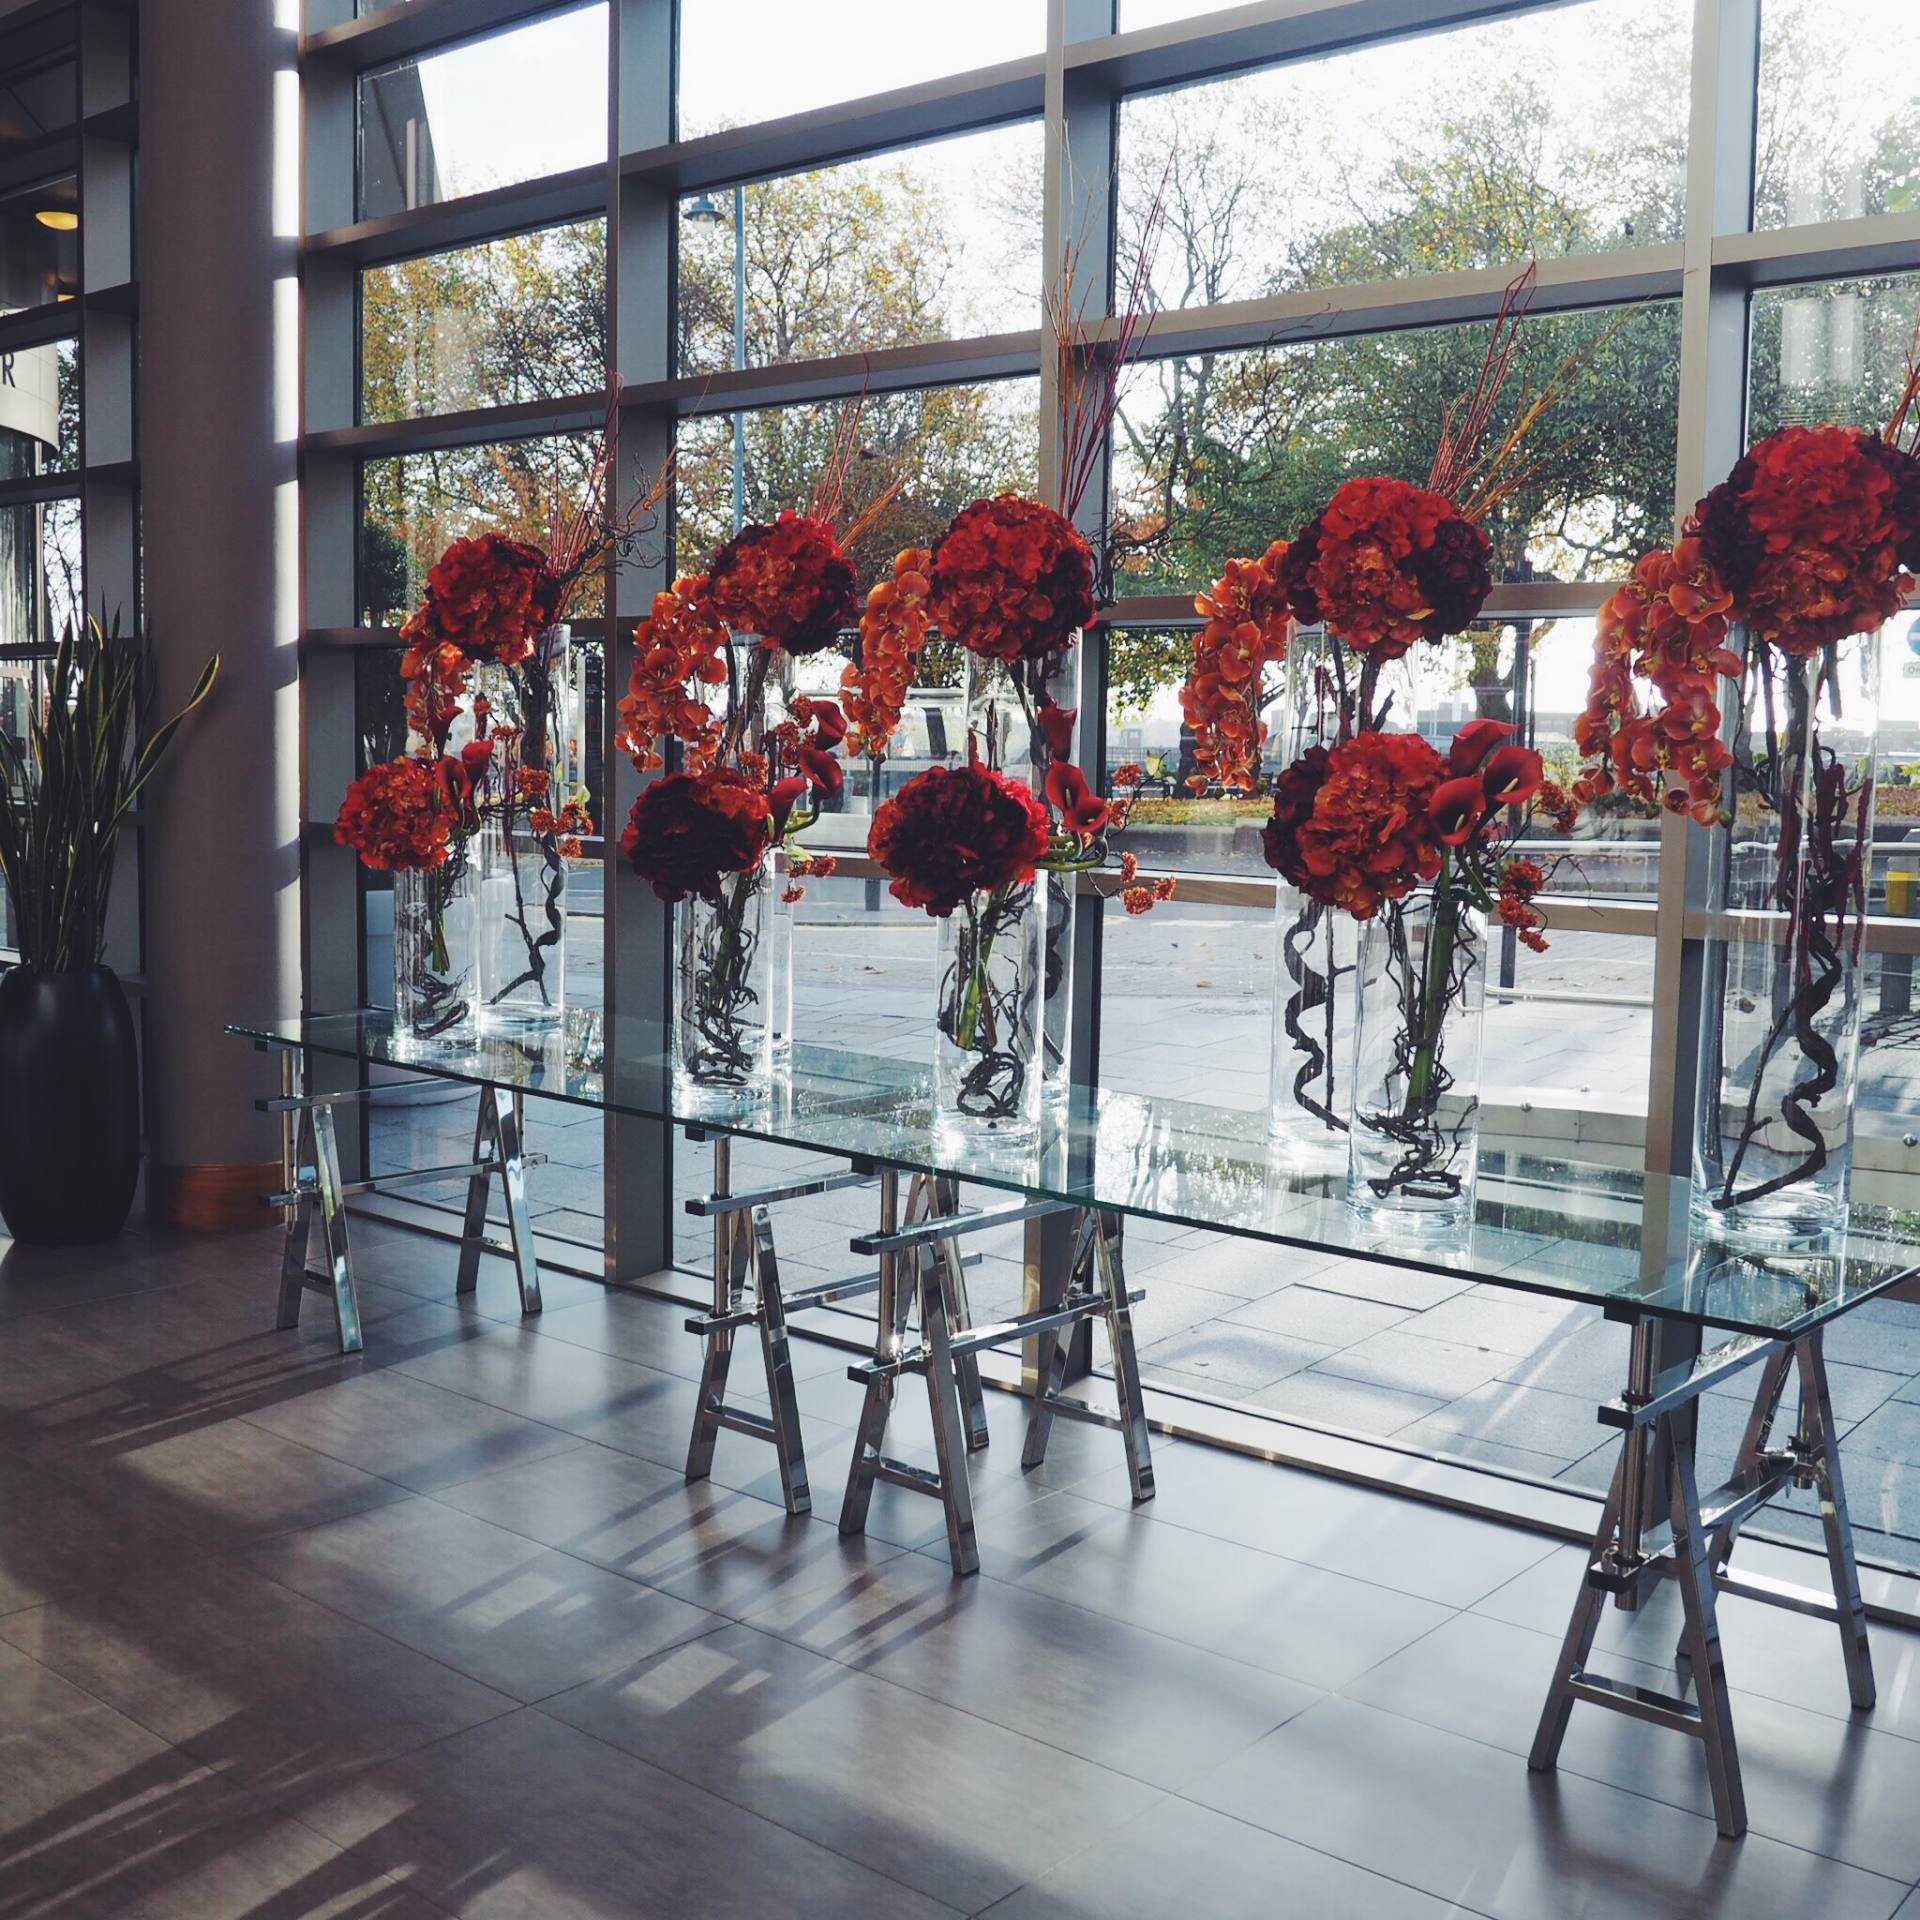 Hotel La Tour Birmingham flowers